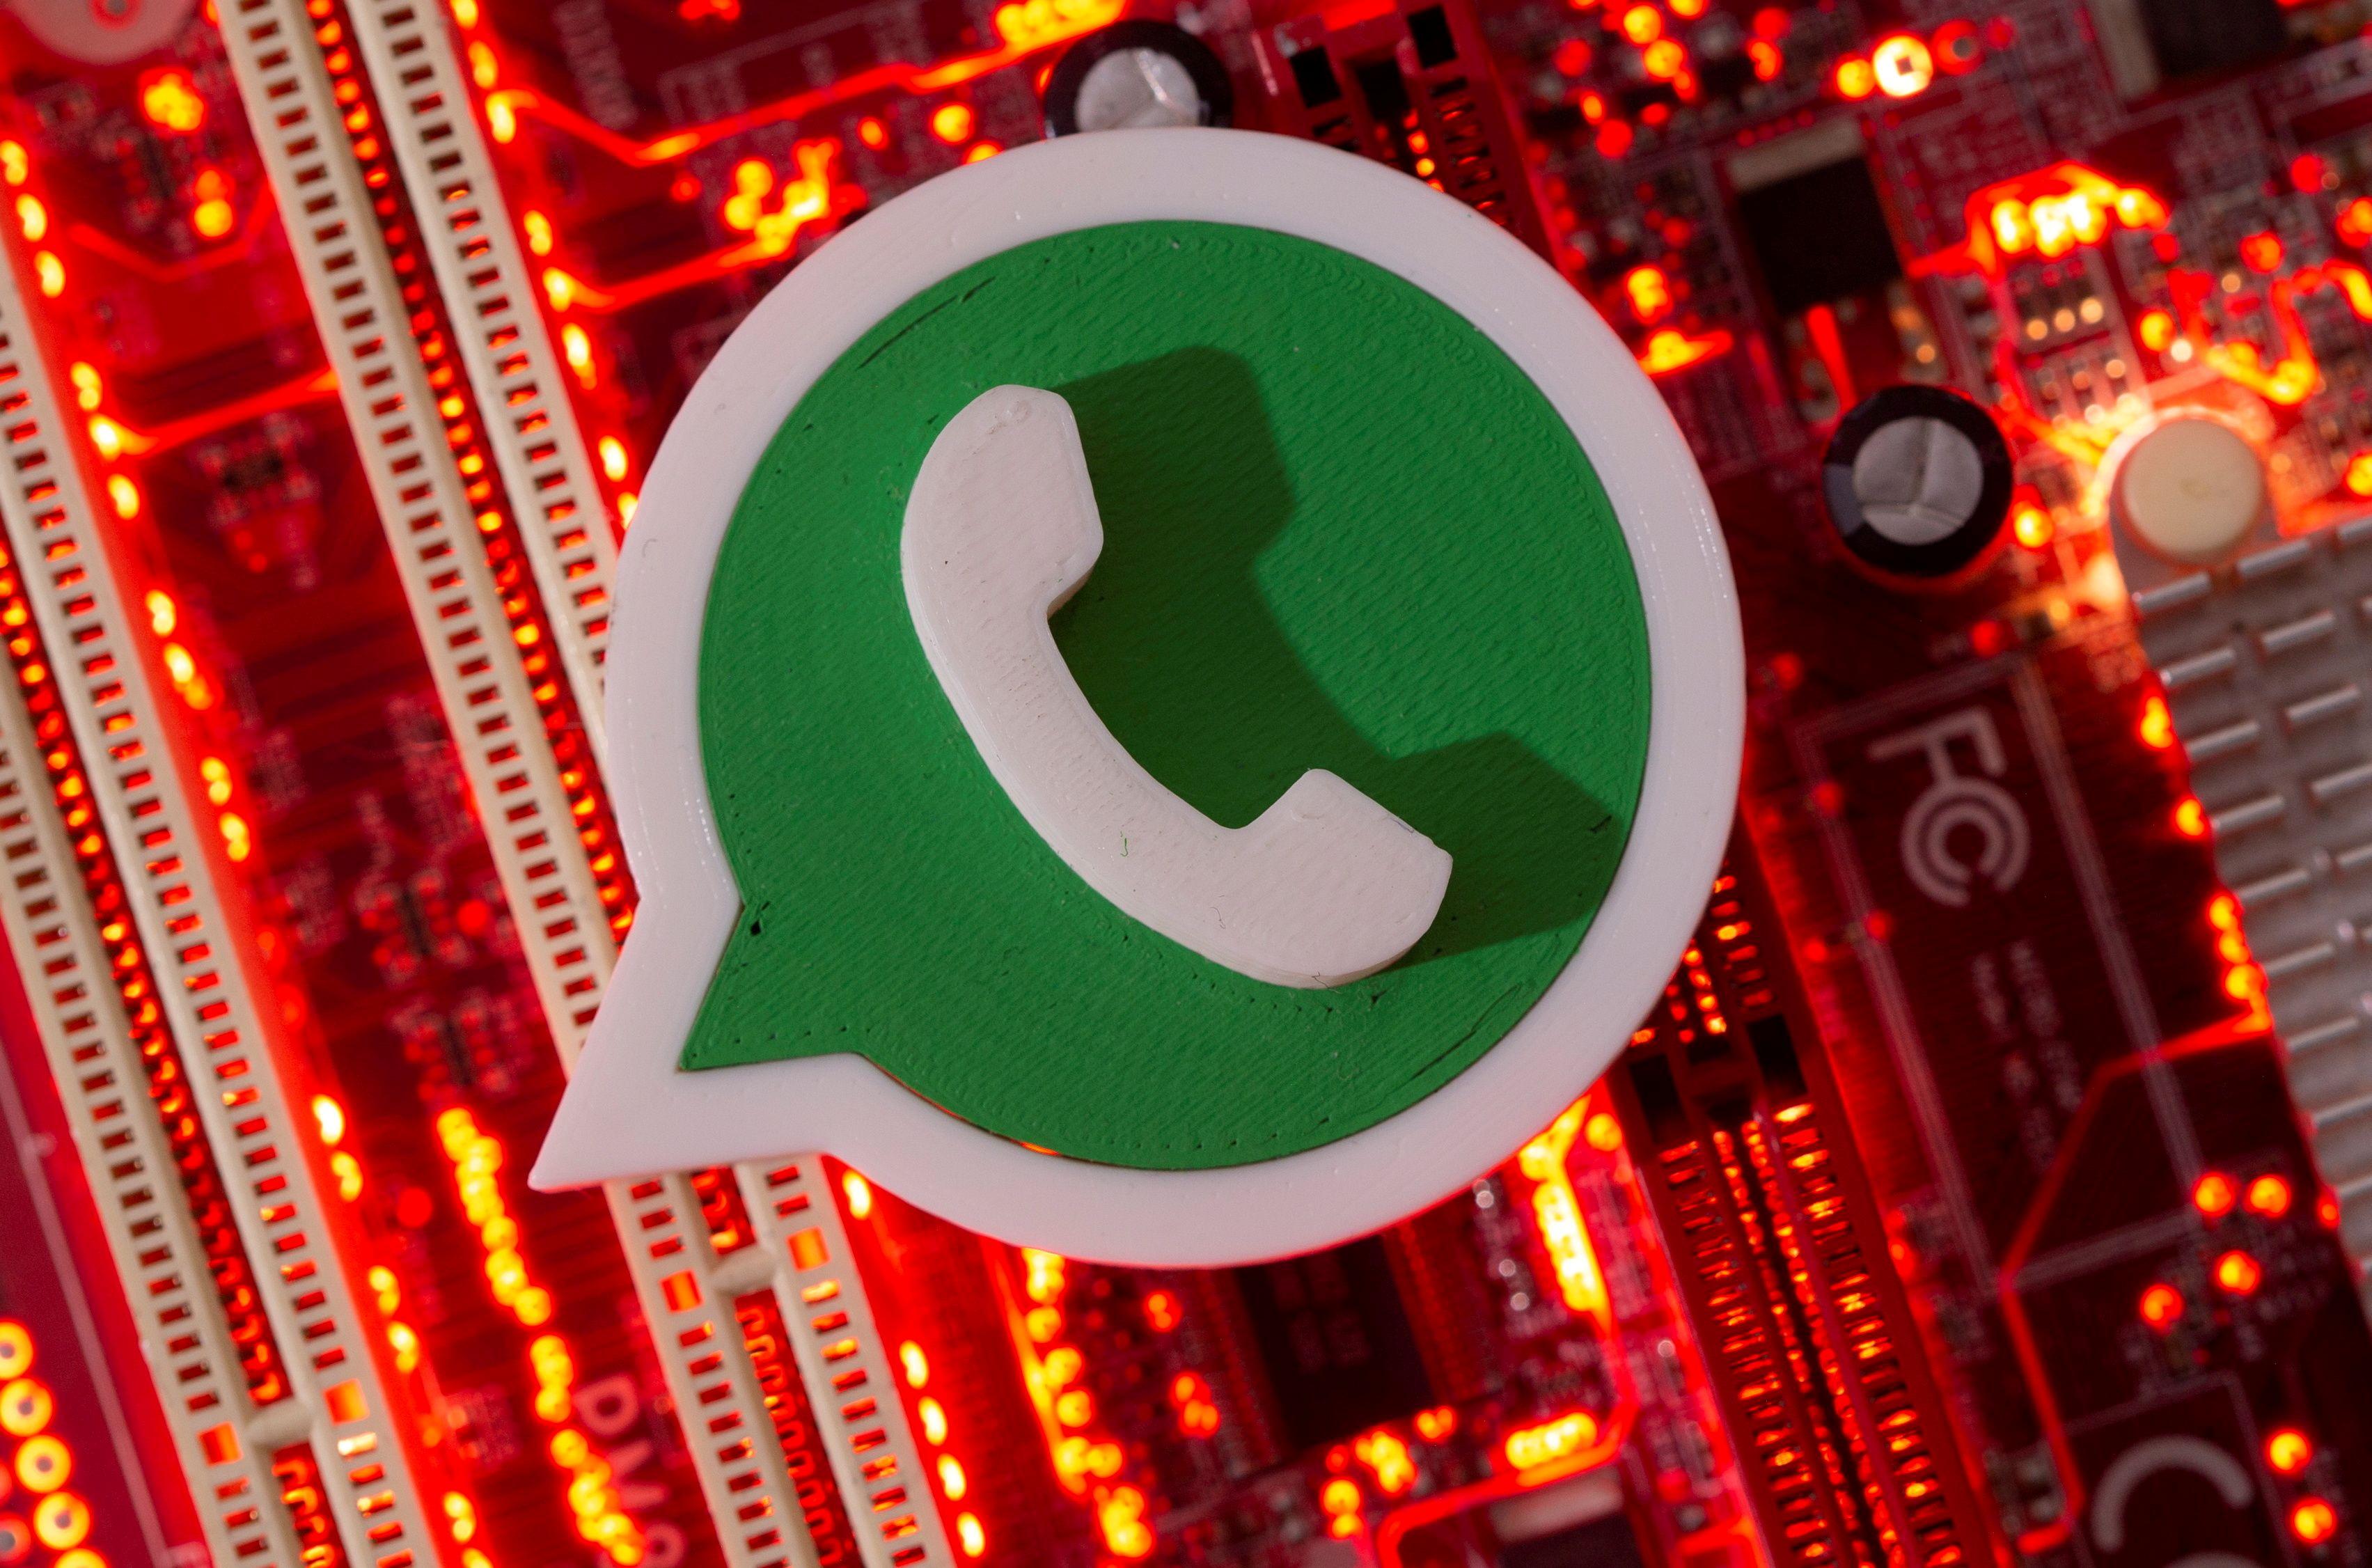 Подрядчики WhatsApp могут просматривать личные сообщения пользователей